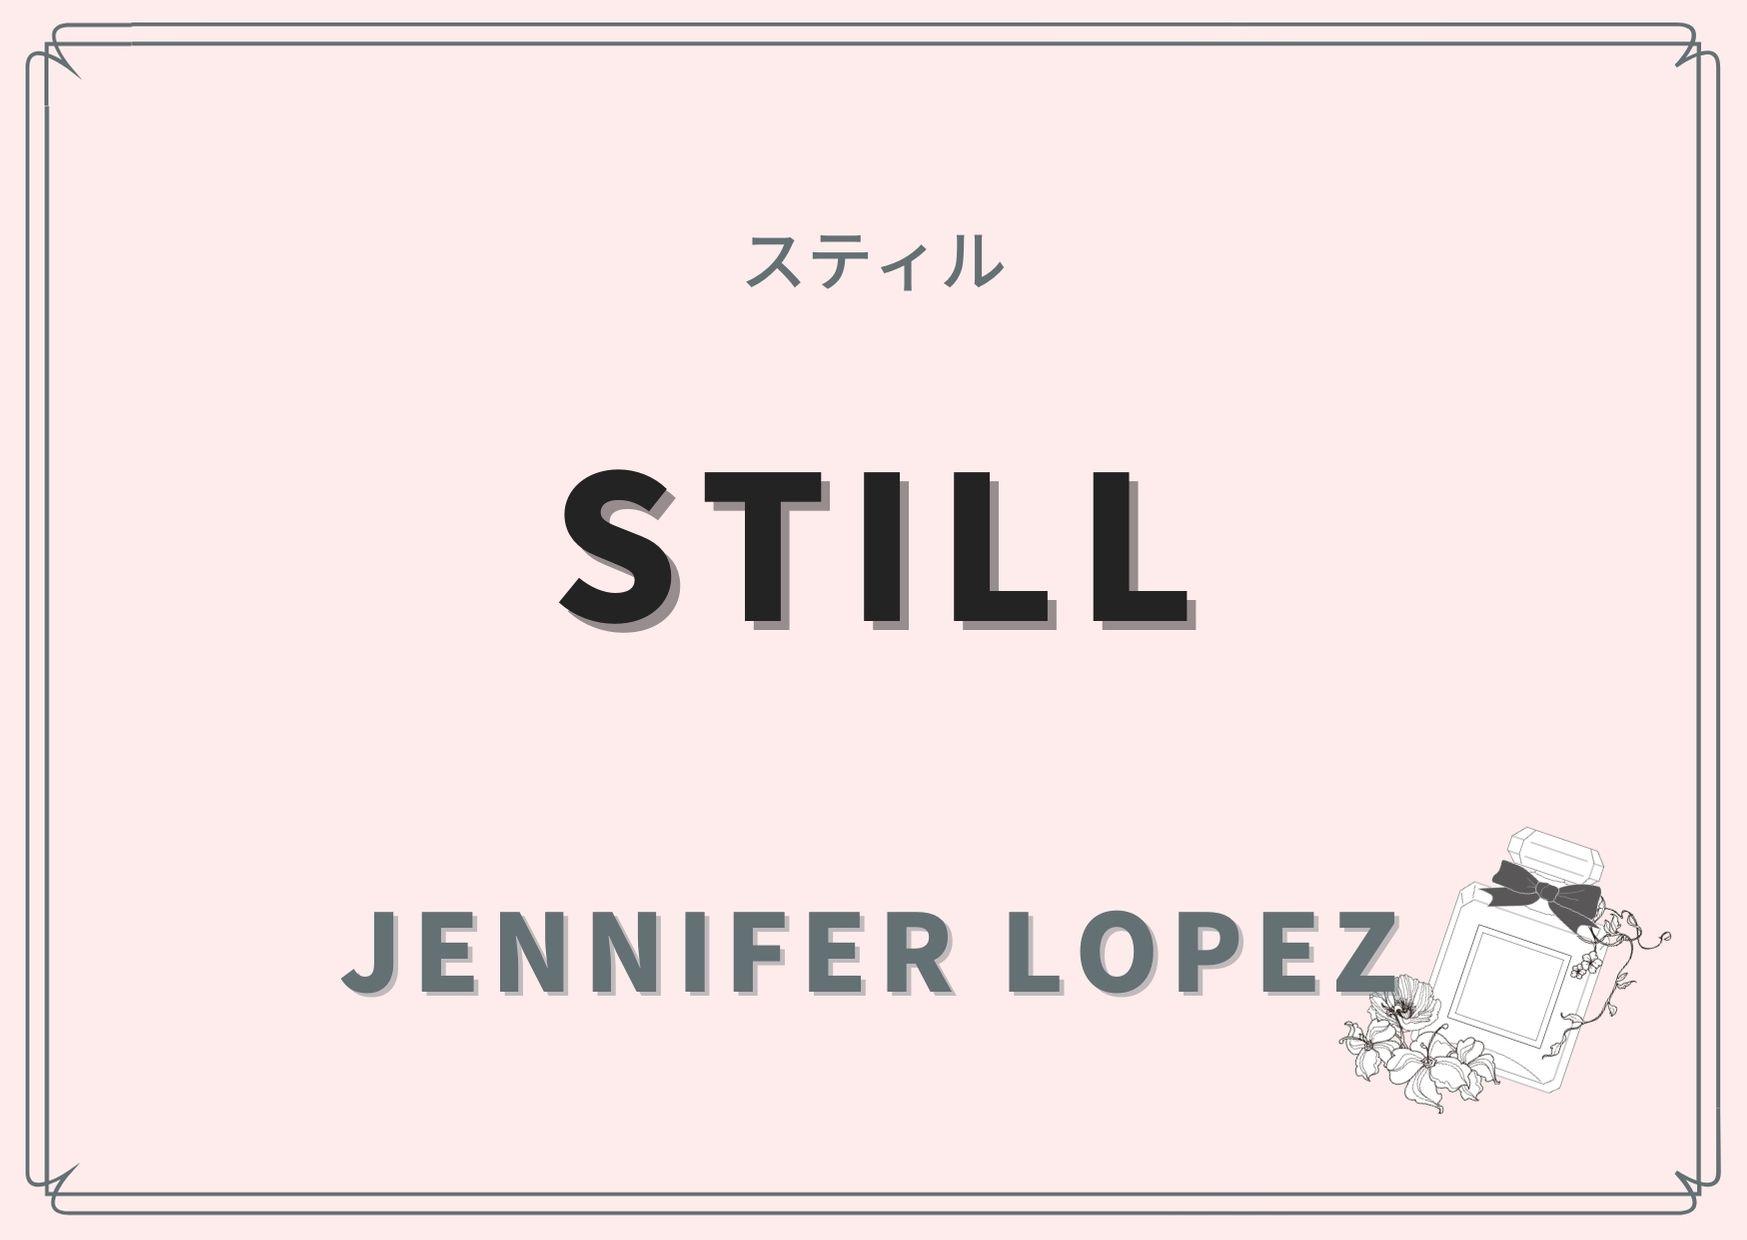 STILL(スティル)/JENNIFER LOPEZ(ジェニファー ロペス)